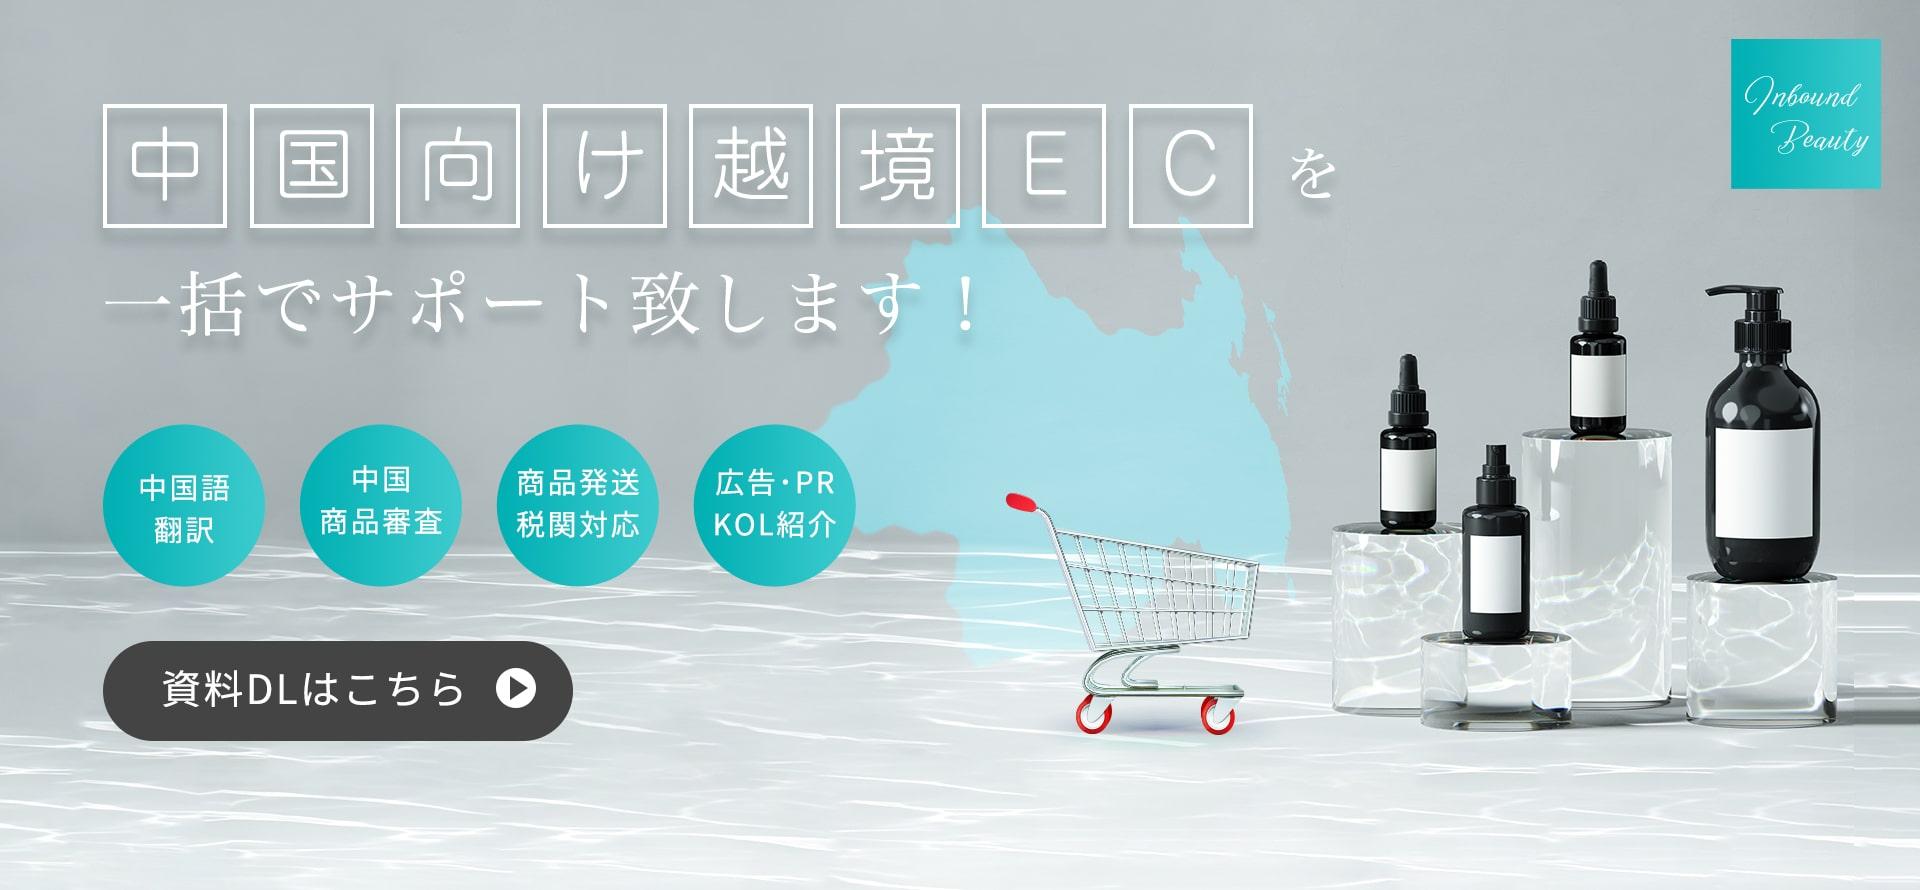 中国向け越境ECを一括でサポート致します!資料DLはこちら